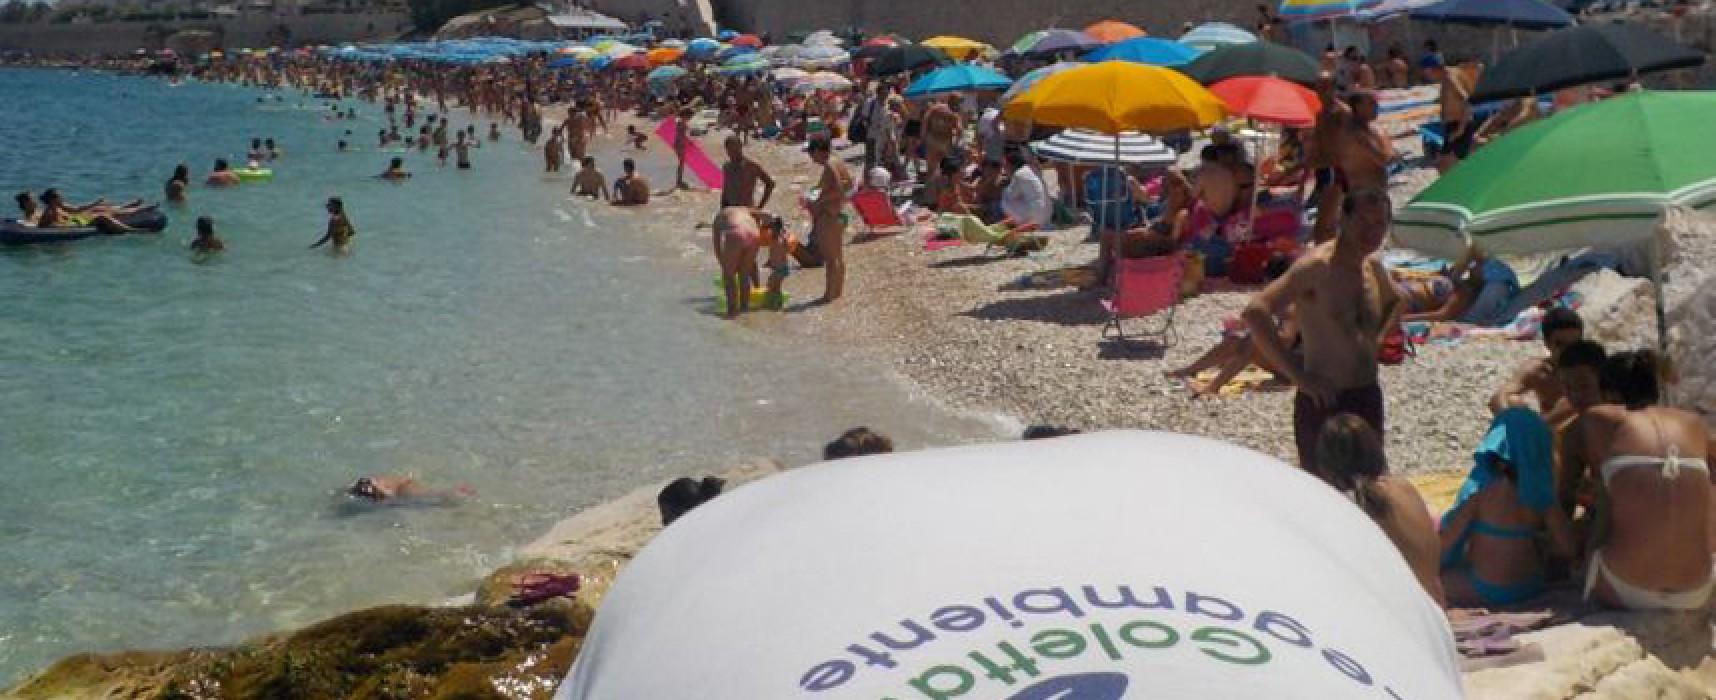 Goletta Verde promuove le acque di Bisceglie, analisi nei limiti a Salsello